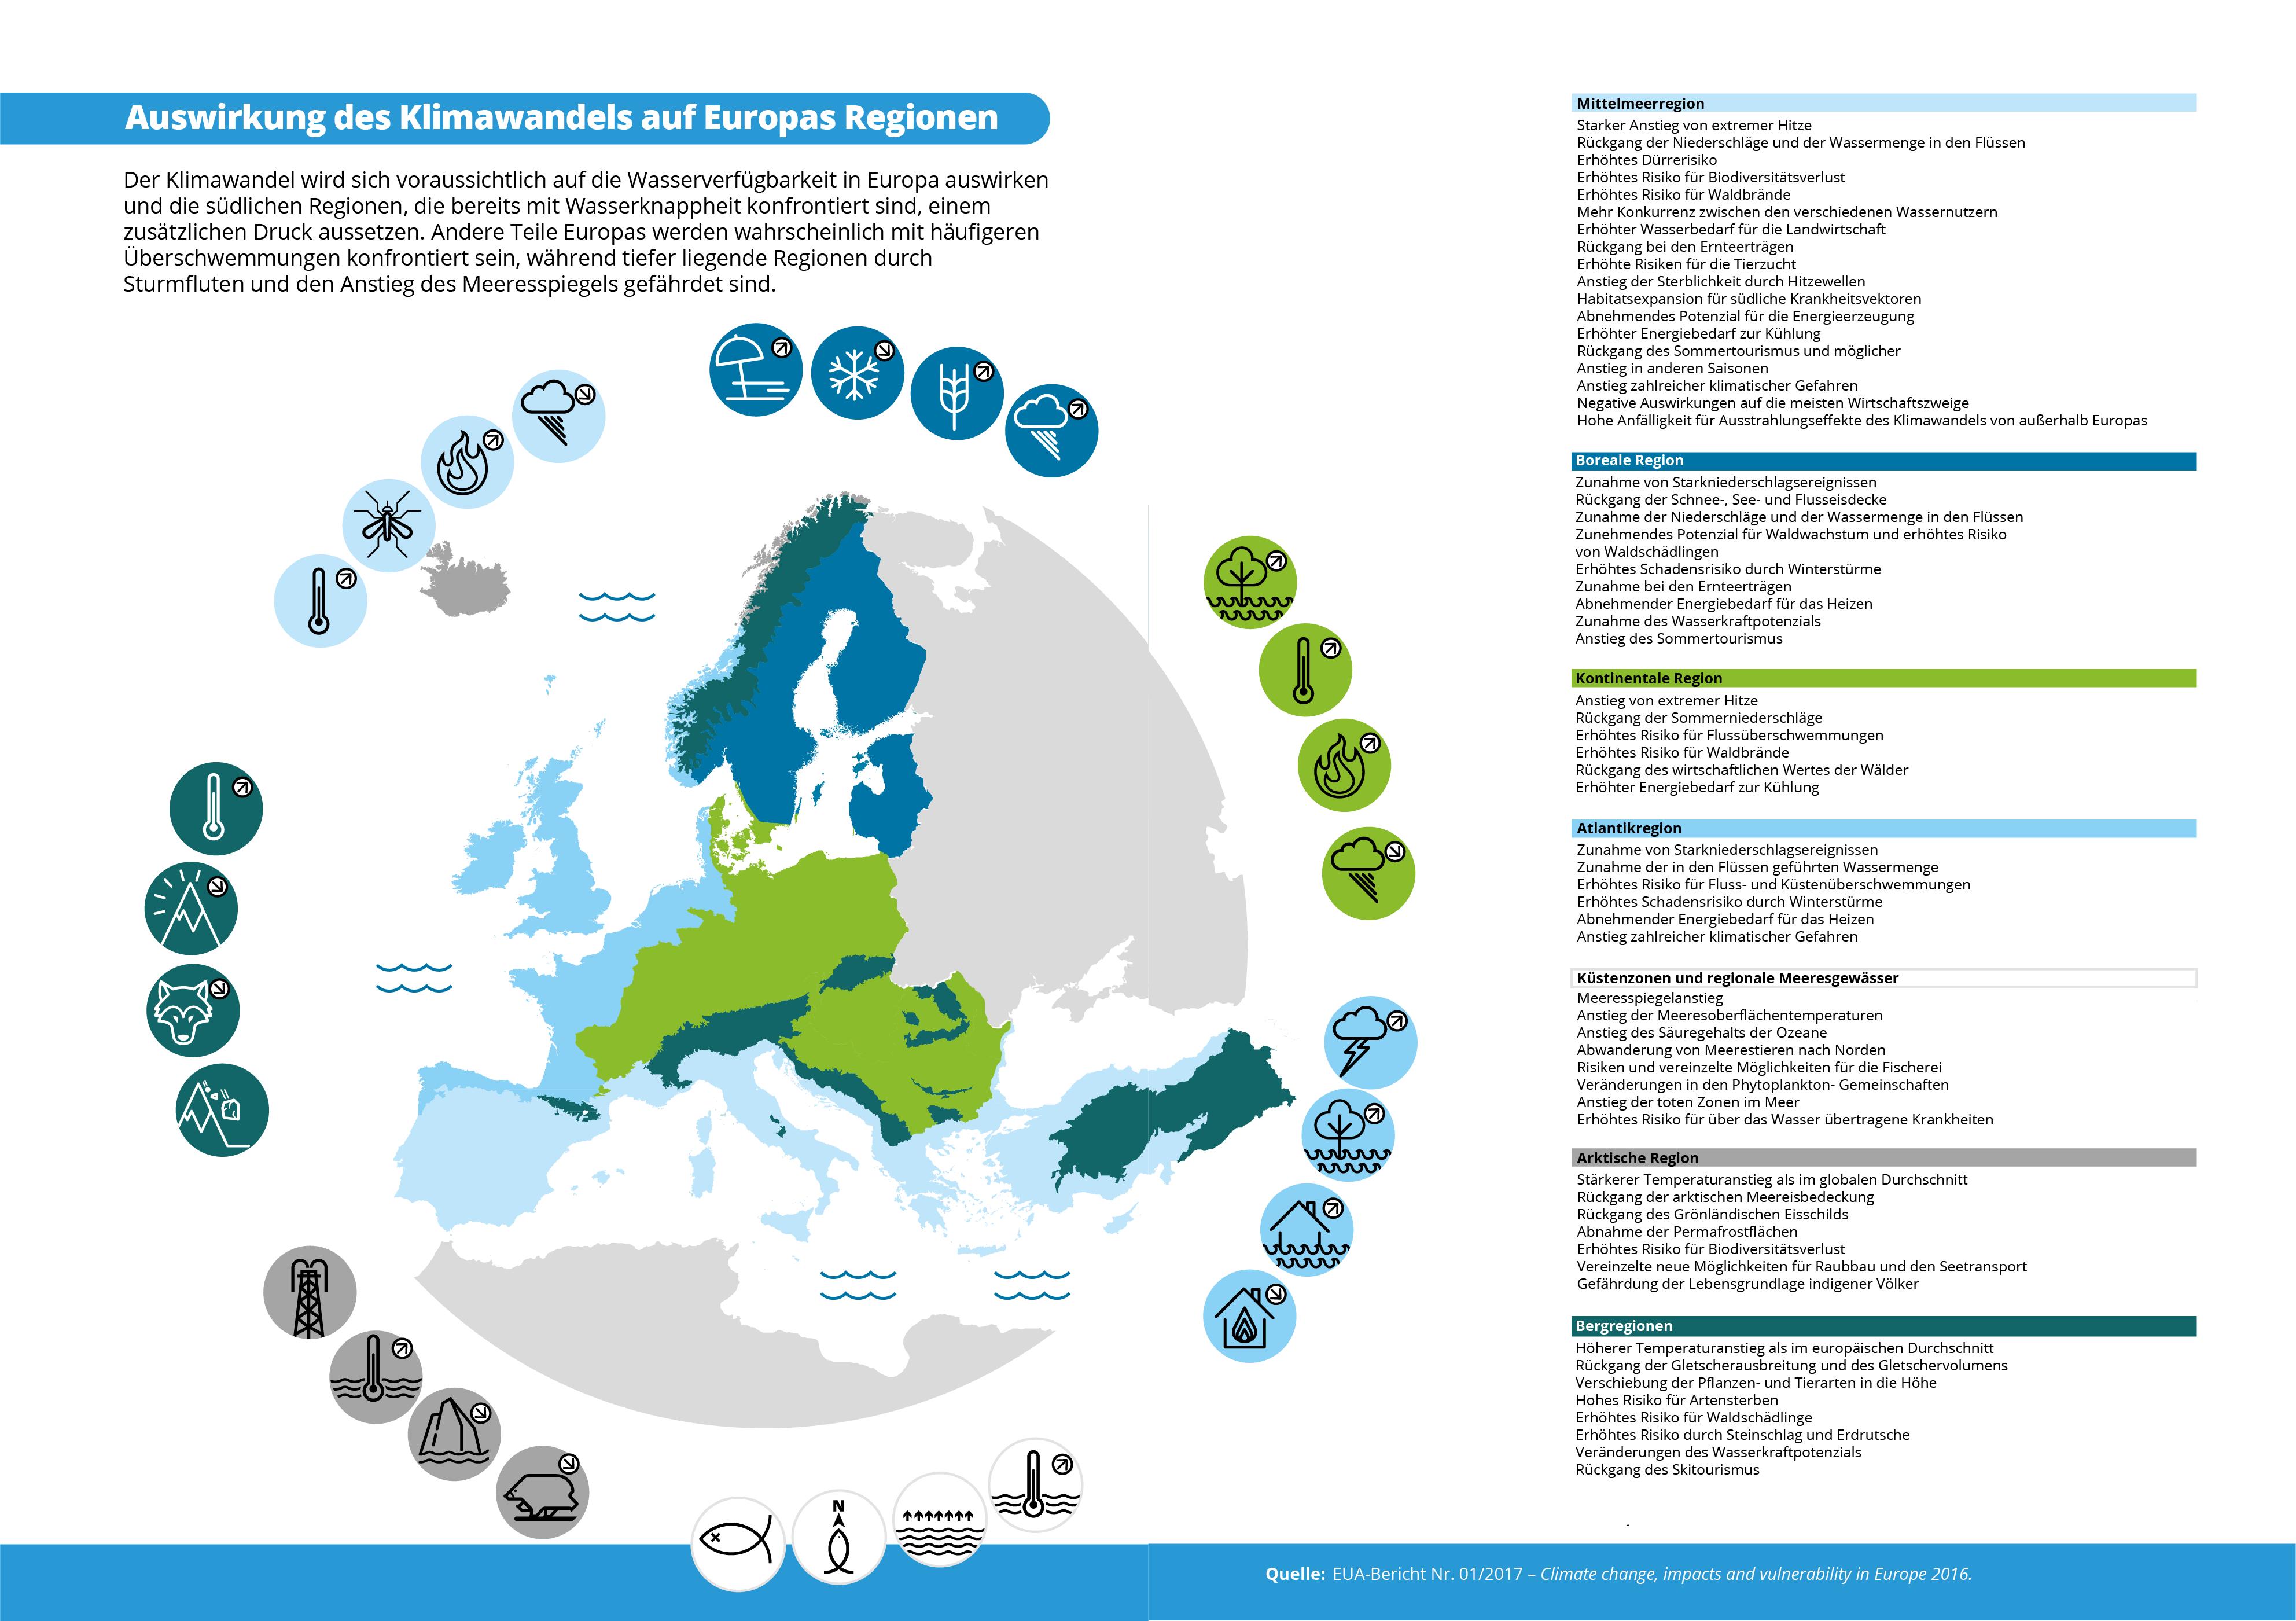 Auswirkung des Klimawandels auf Europas Regionen